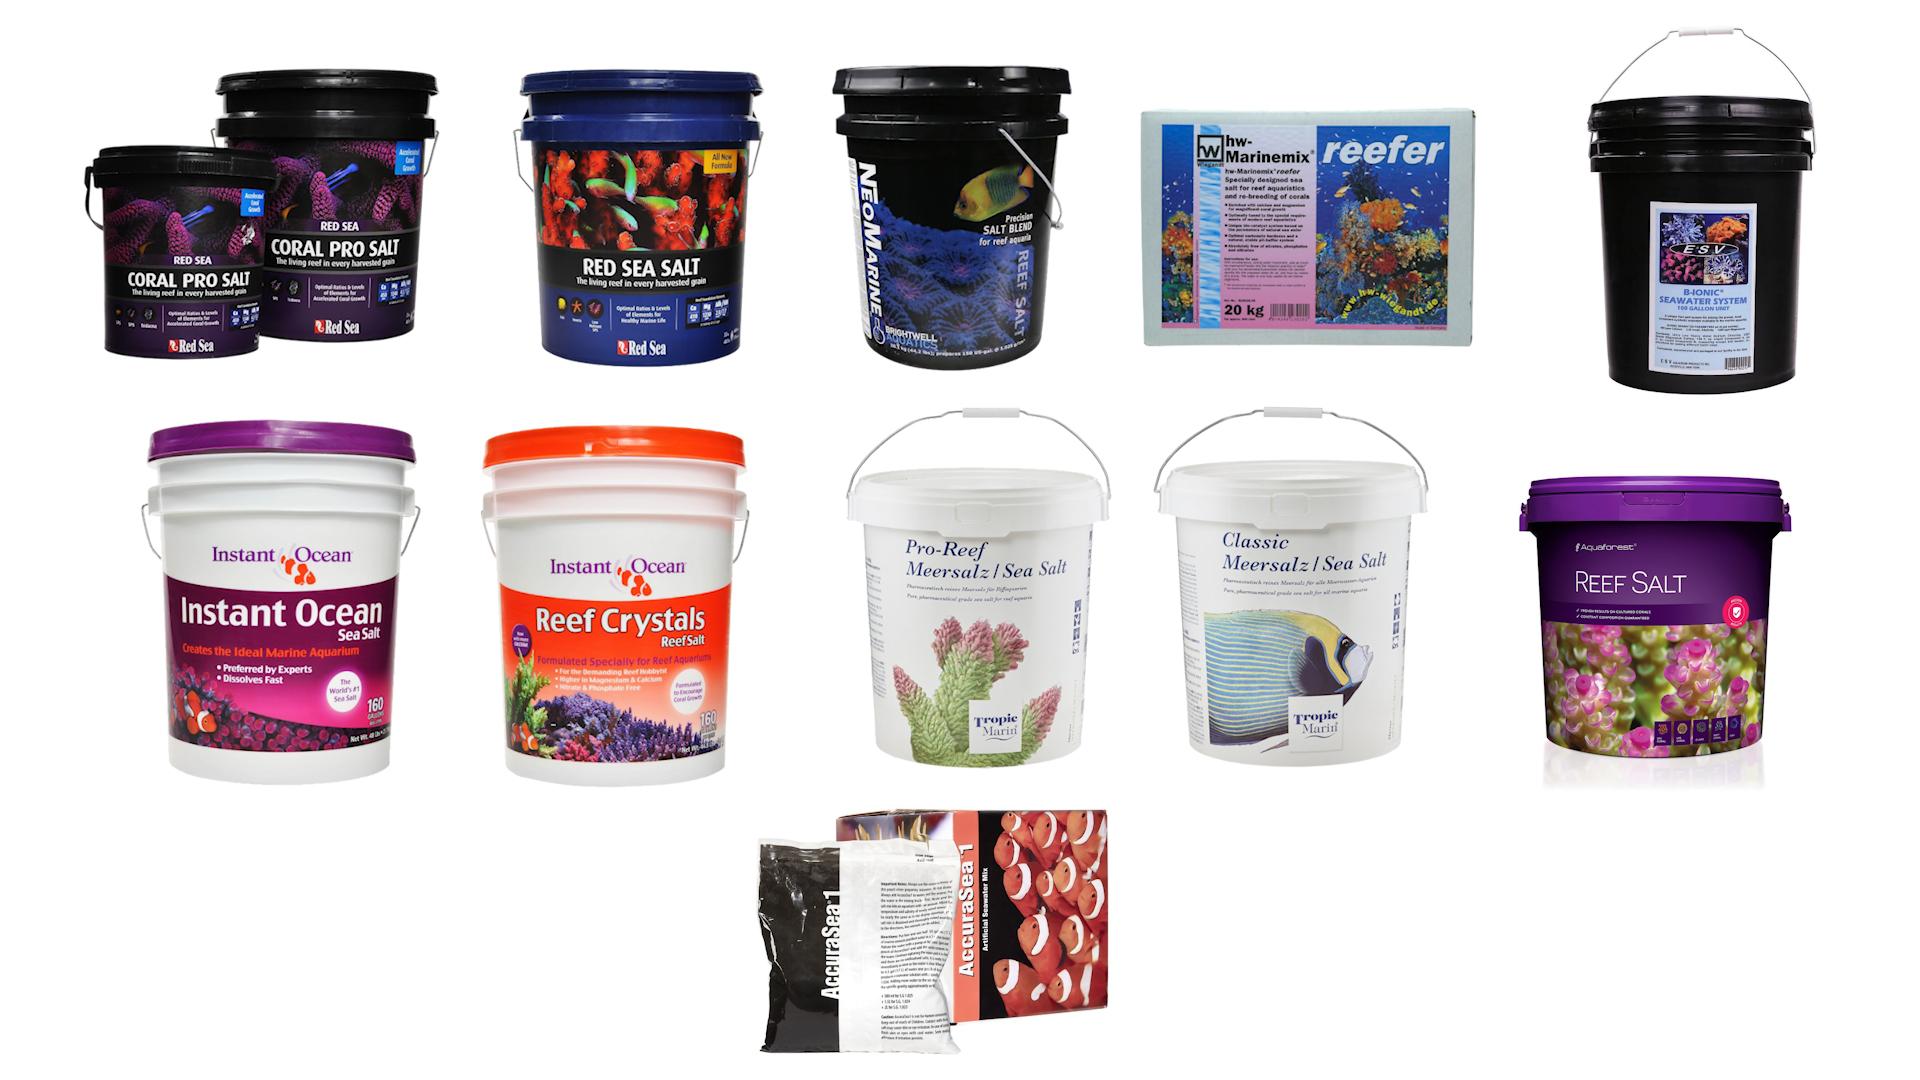 Salt mix brands we tested